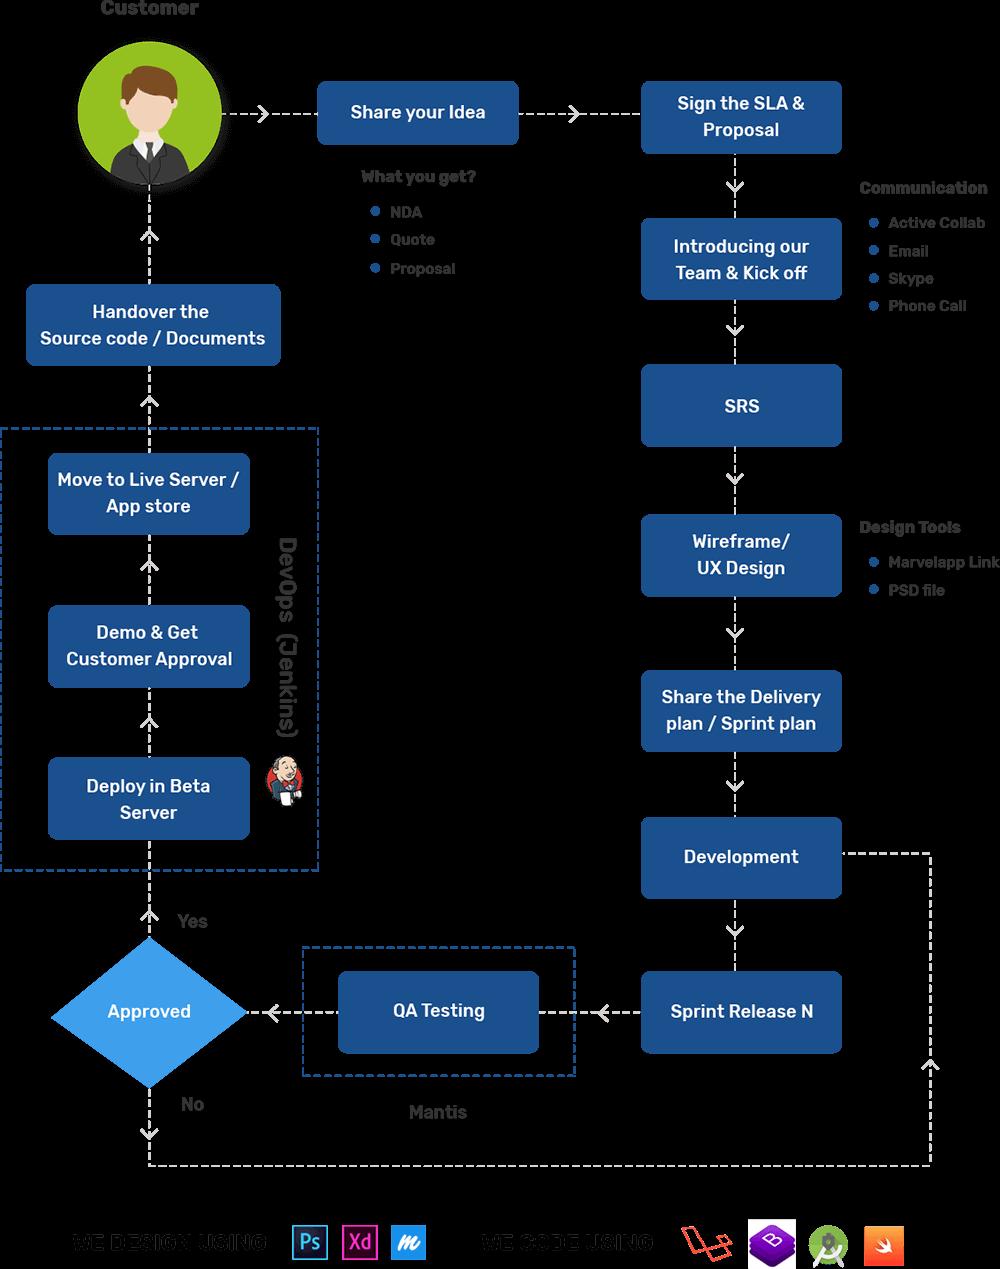 Our flow diagram